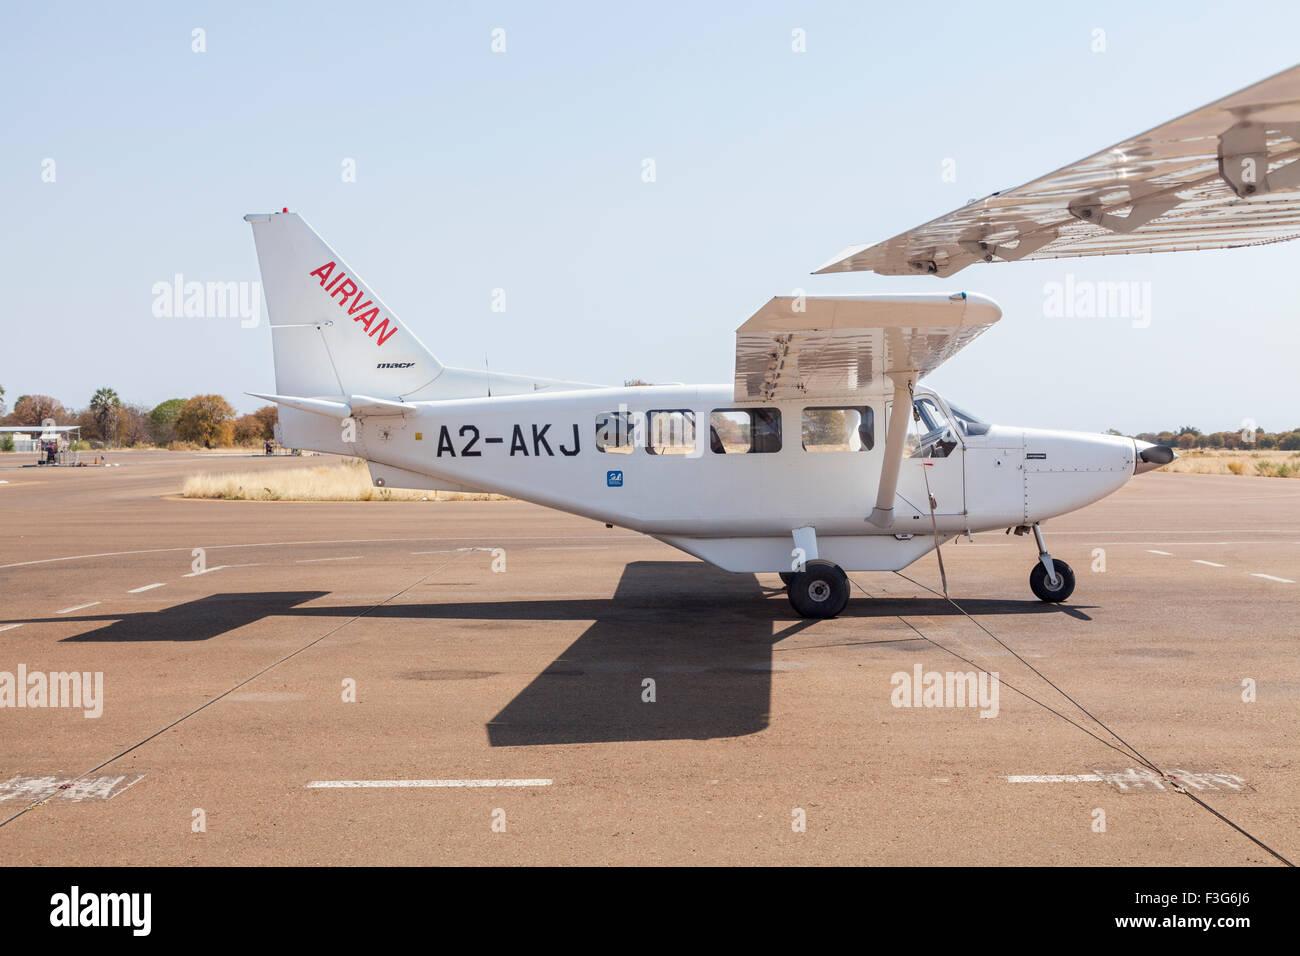 Mack Air Cessna 208 Caravan at Maun Airport, Botswana, southern Africa - Stock Image